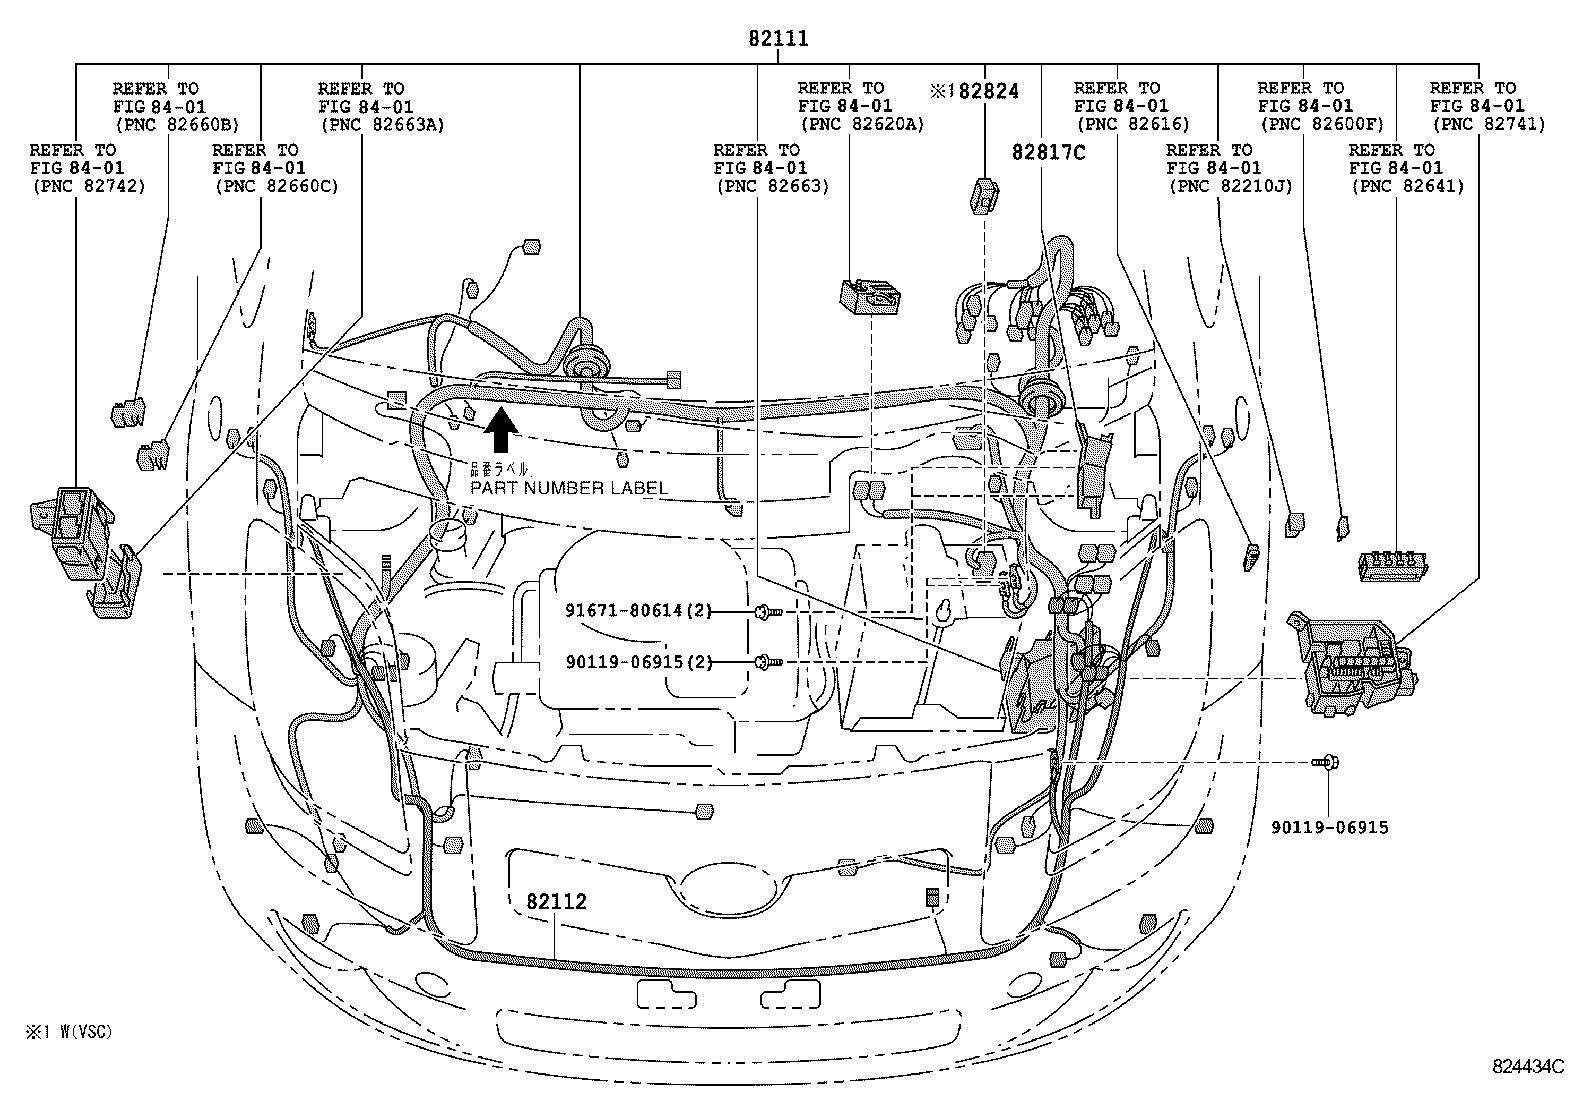 toyota yariszsp90r-ahfvkw - electrical